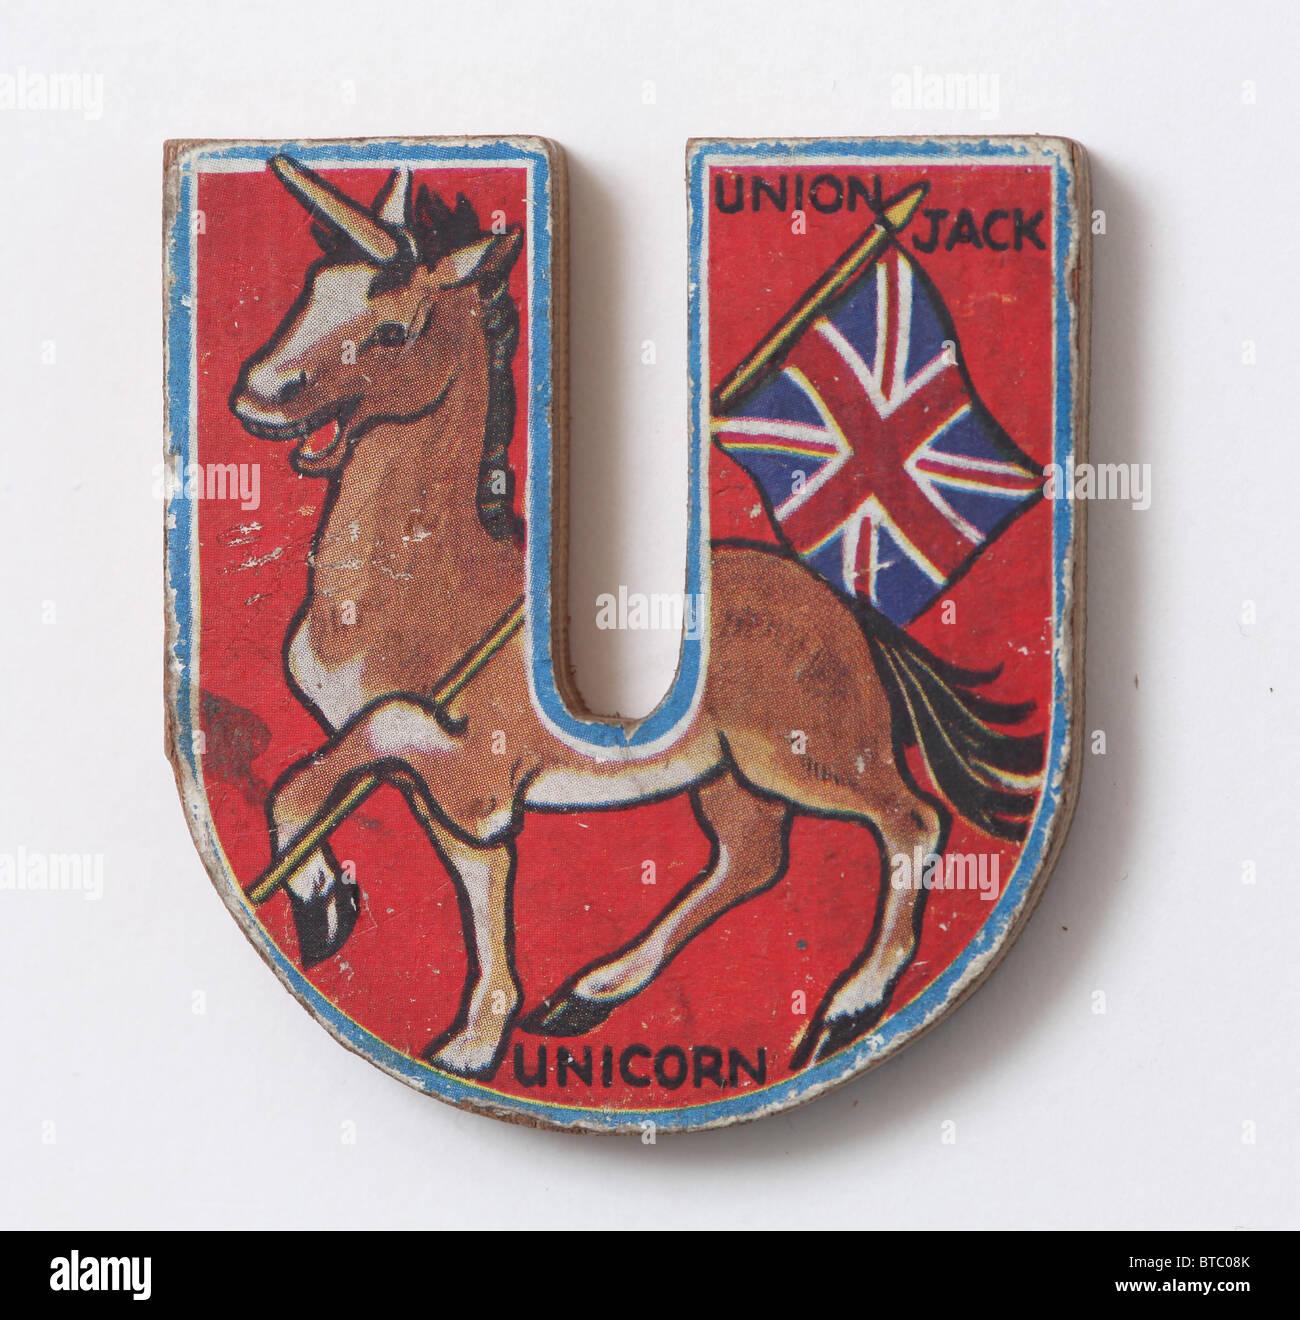 Letter U Unicorn Stock Photos Amp Letter U Unicorn Stock Images